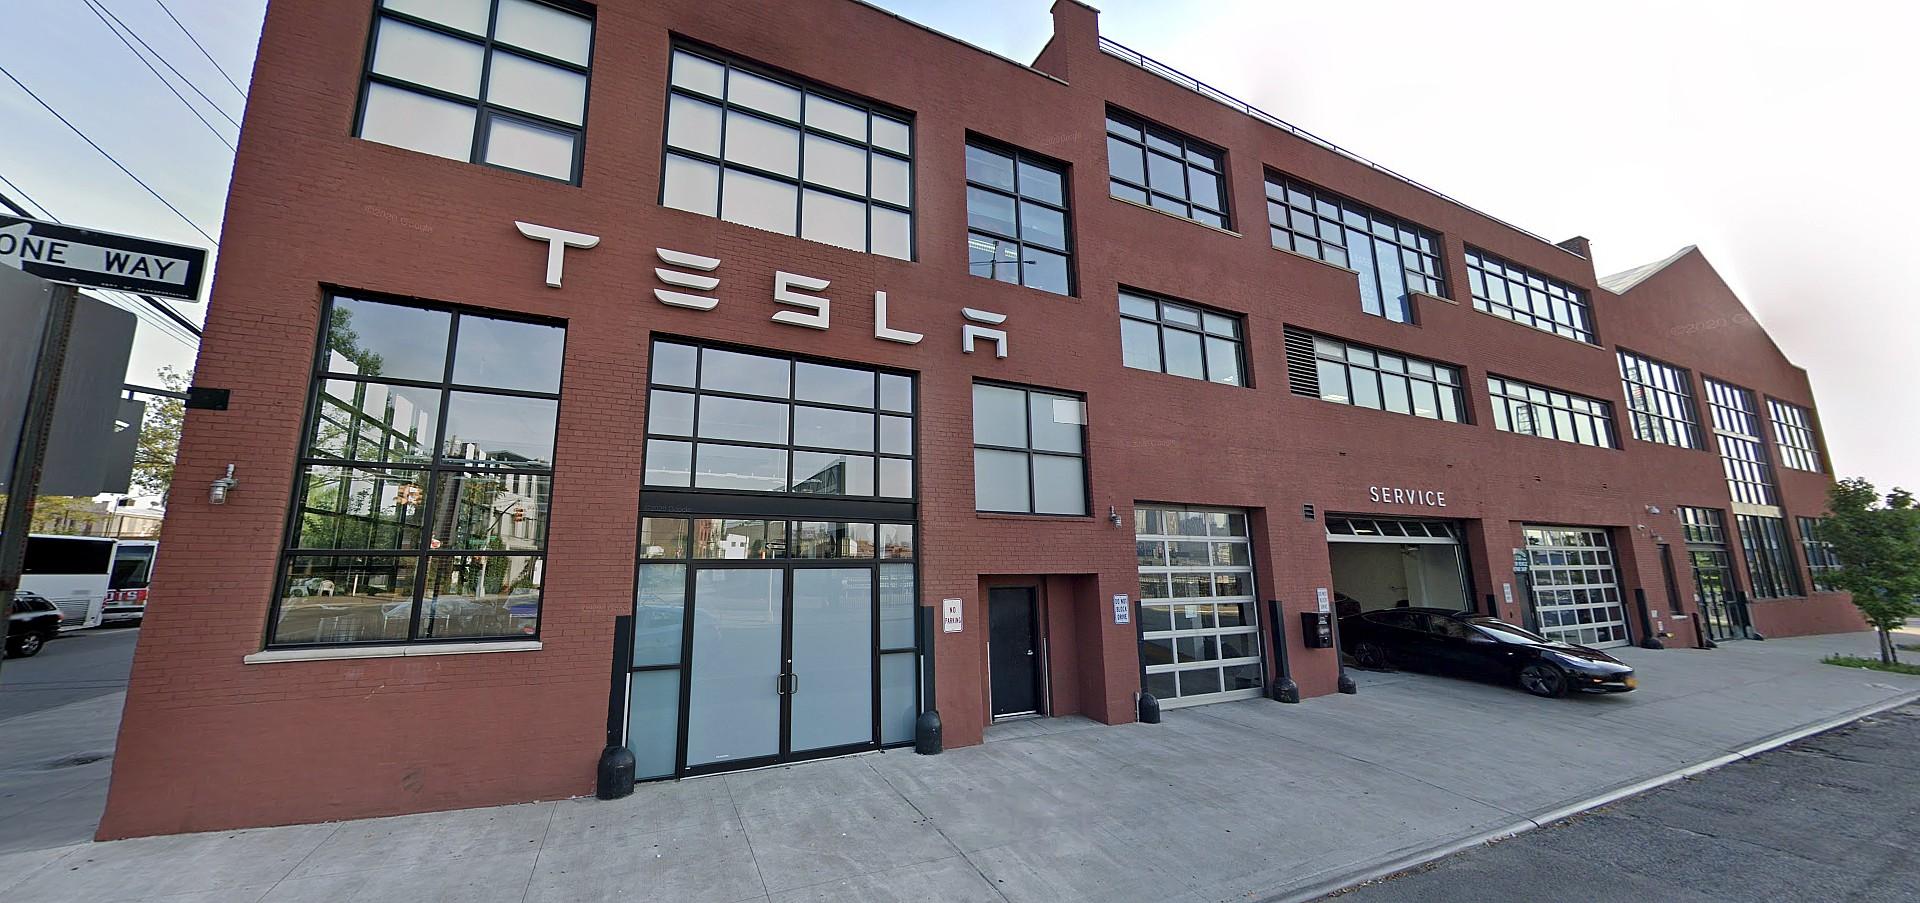 Tesla рассматривает массовые коммерческие площади в Сиэтле: слухи